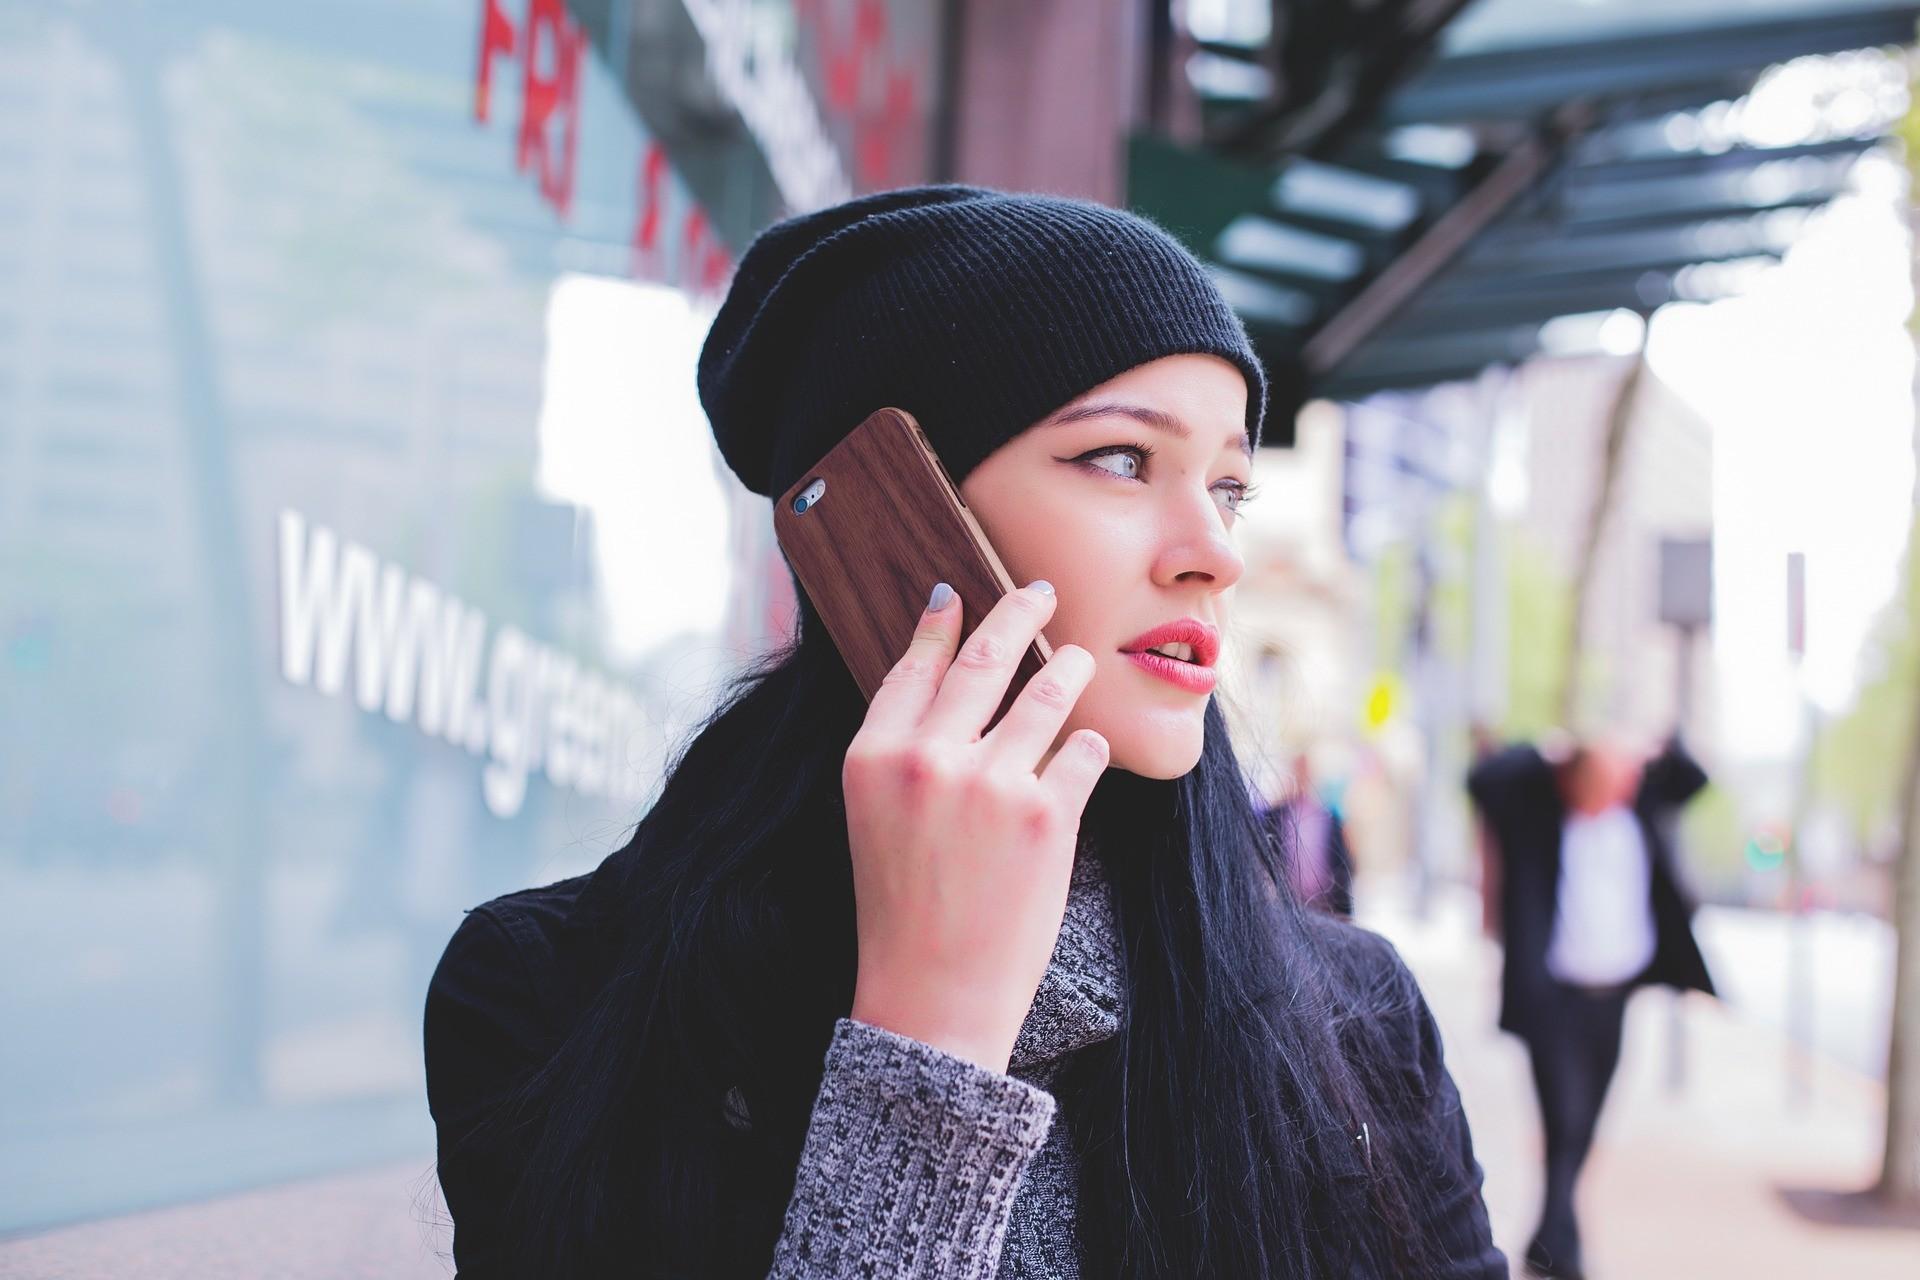 Un operator de telefonie mobilă, somat să înceteze scumpirea abonamentelor